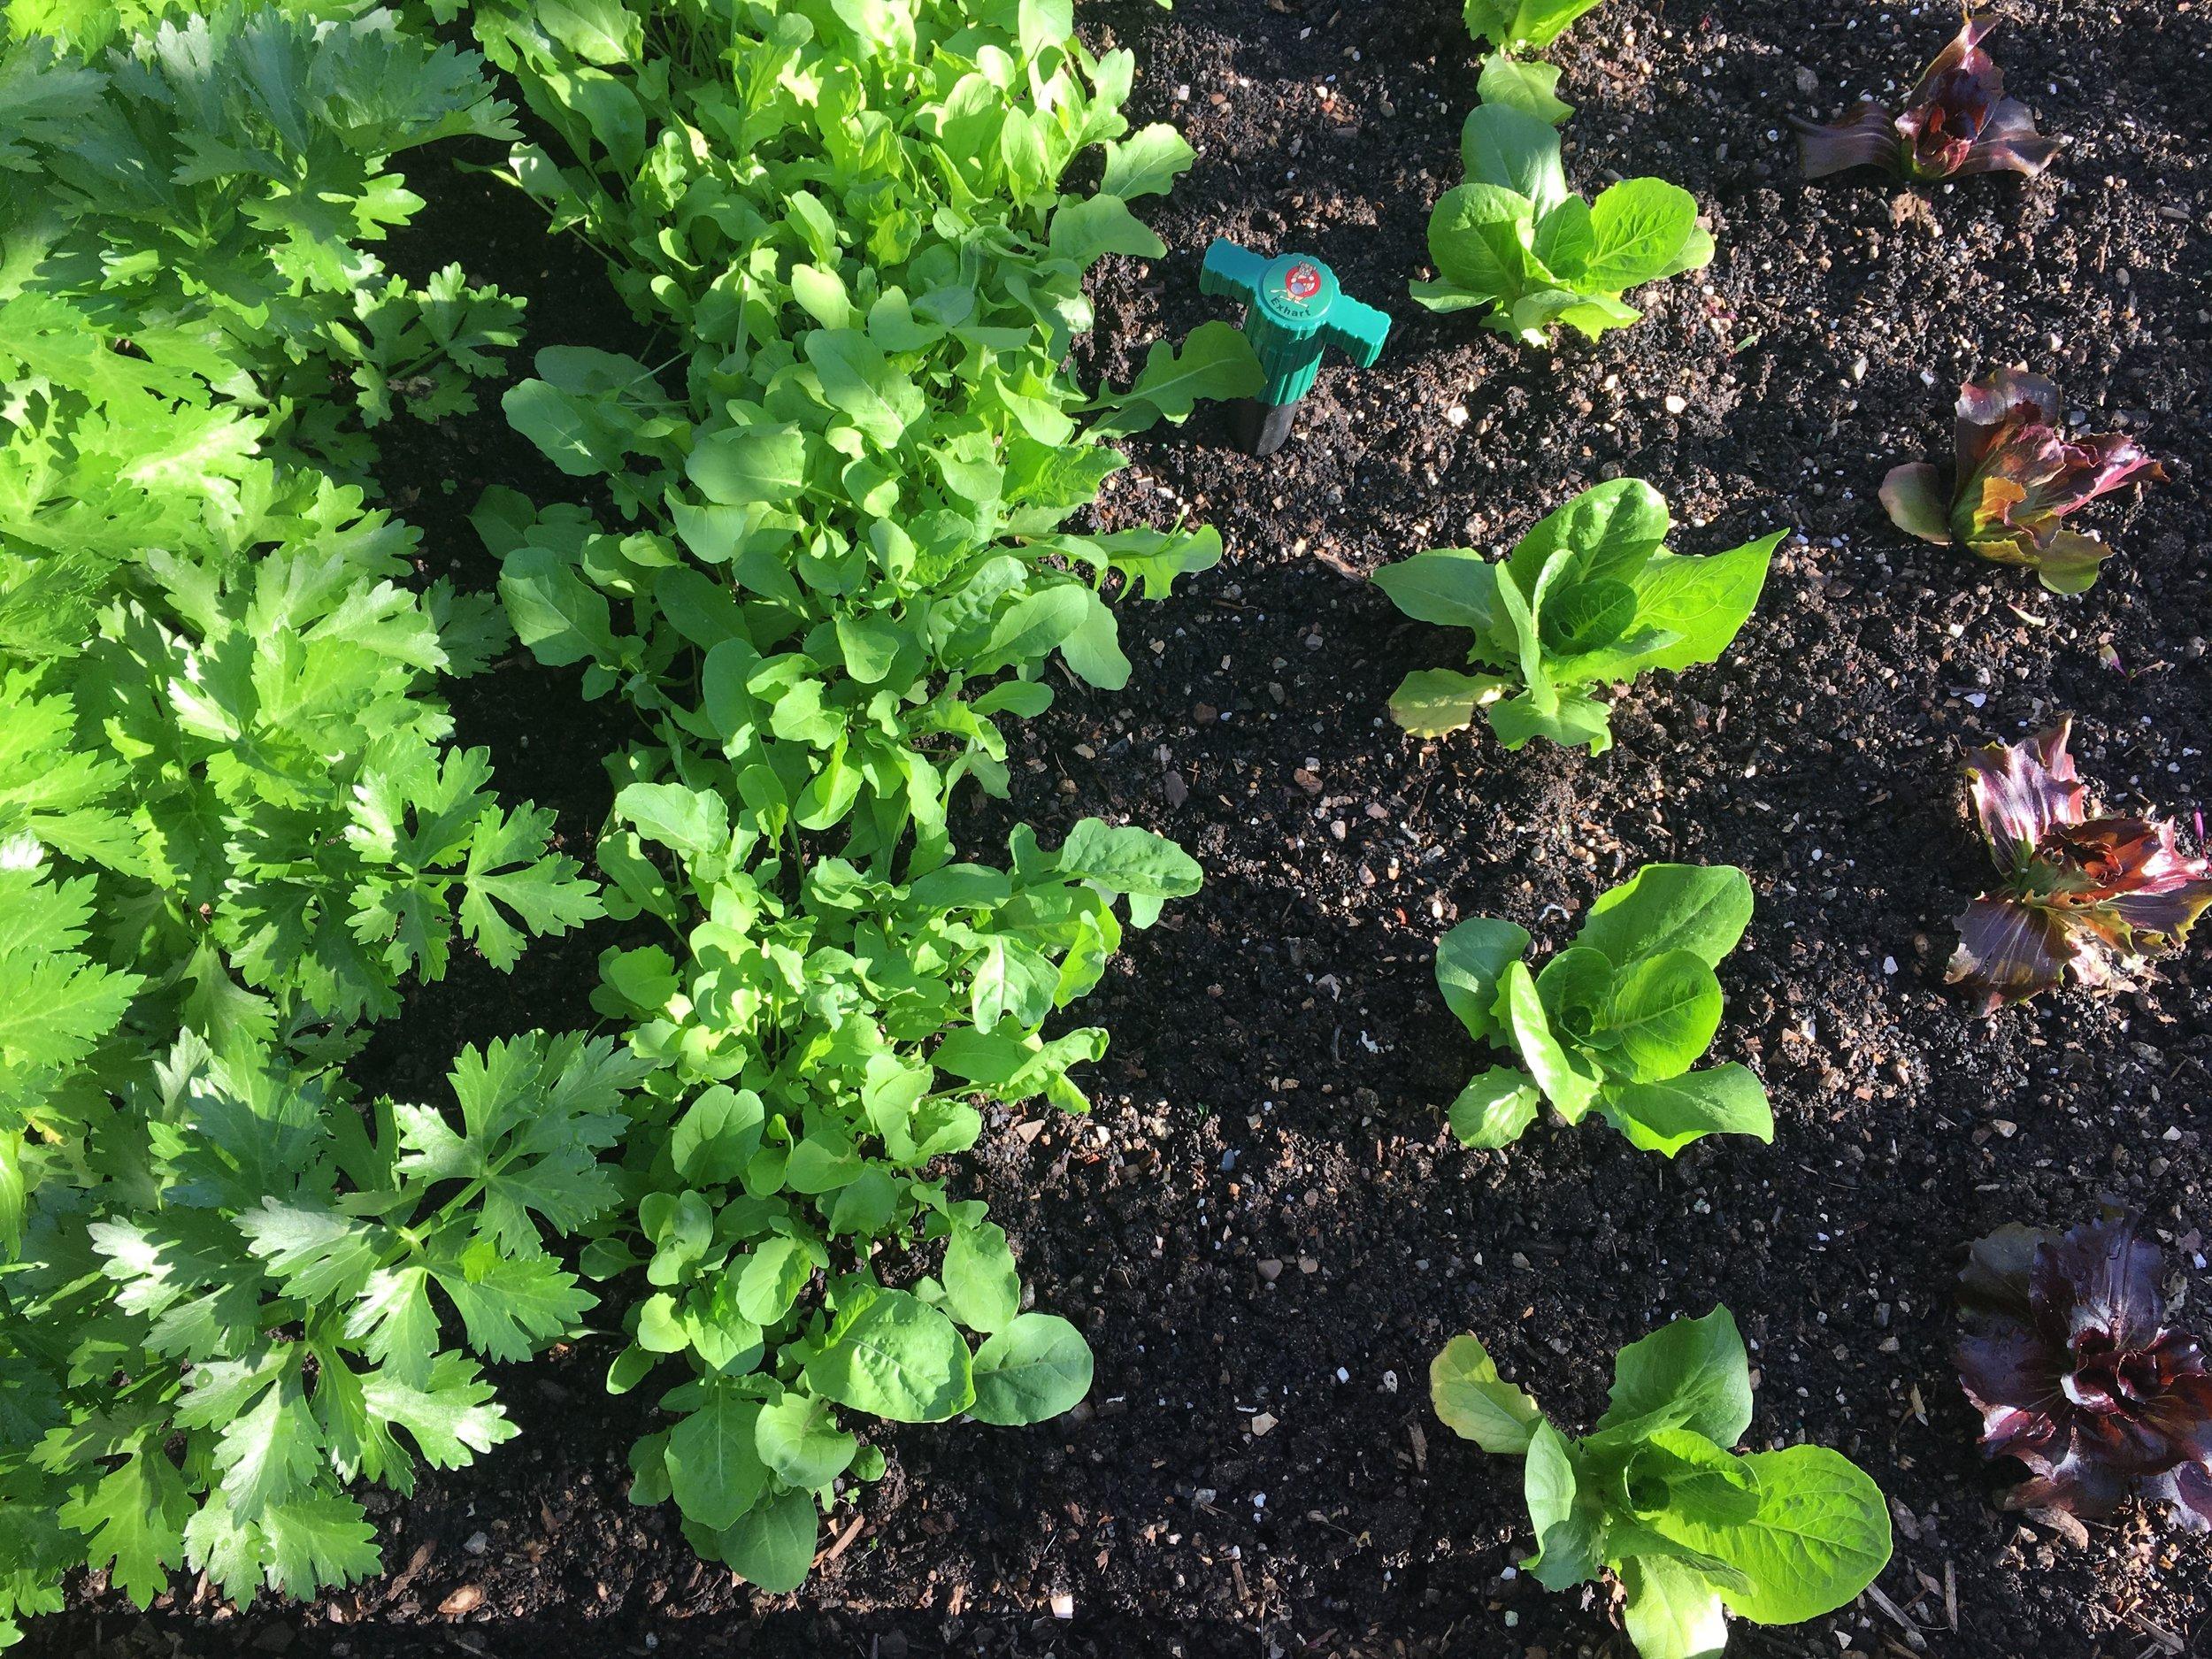 Bed 3: Celery, arugula, lettuce, radicchio